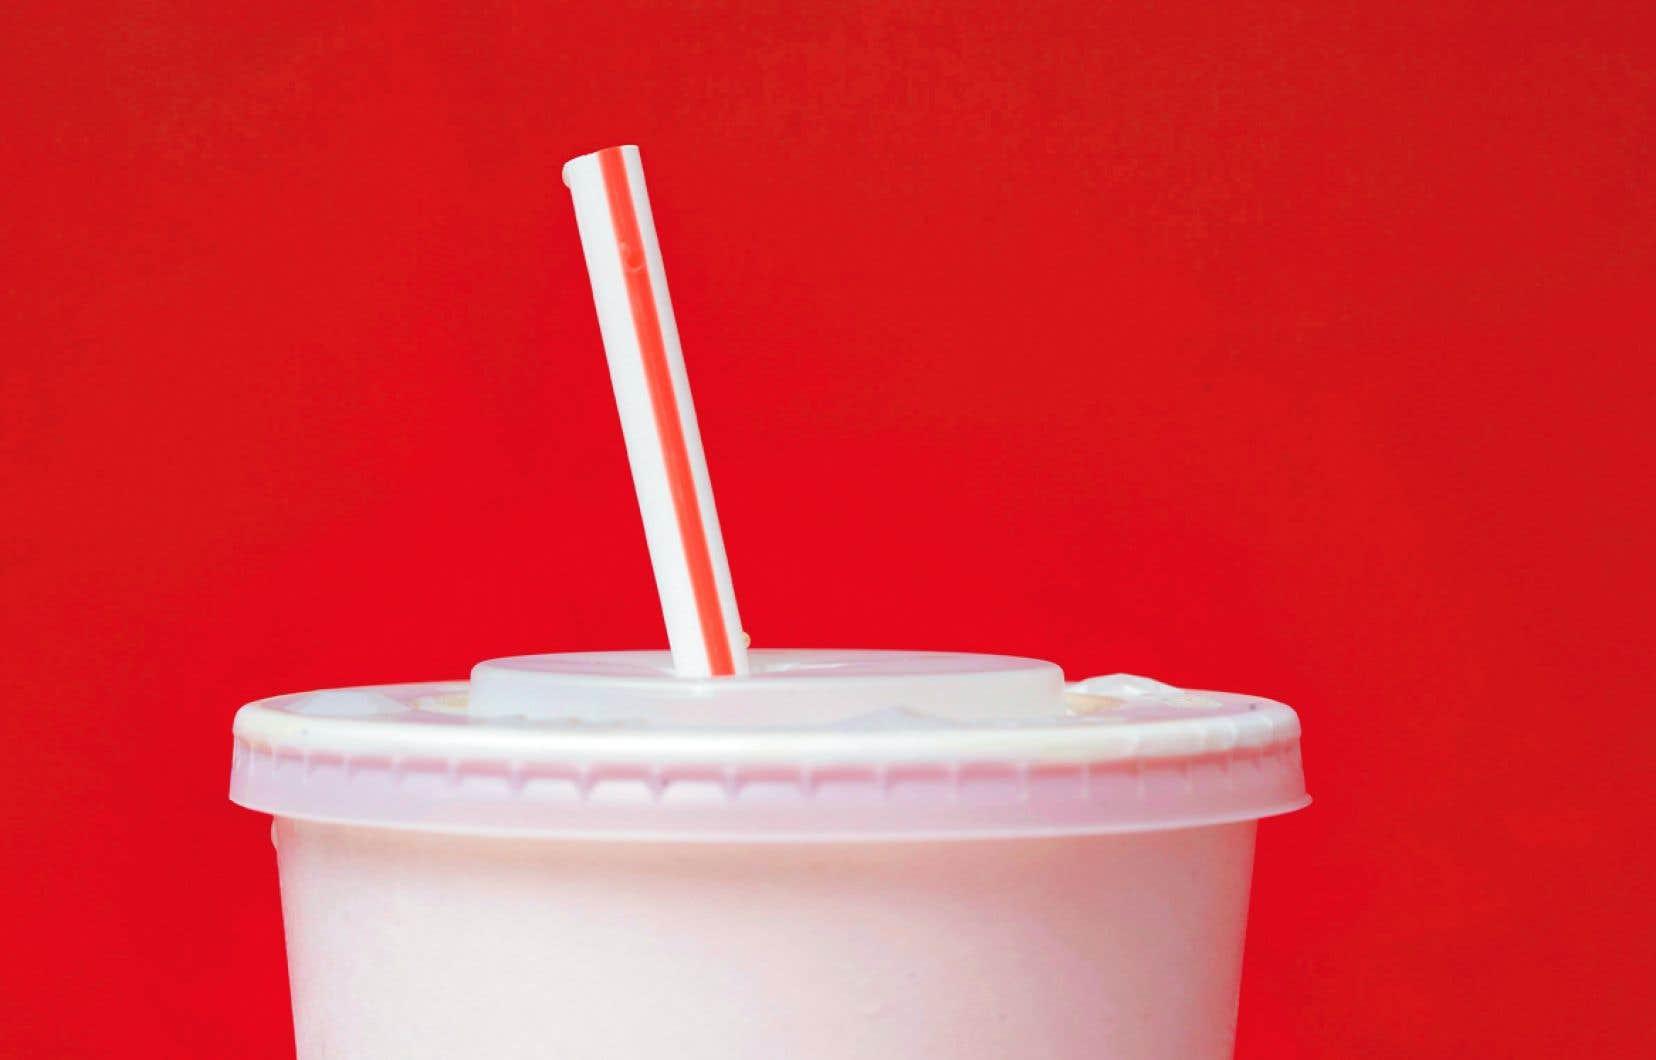 Les 1300 McDo du Royaume-Uni ont commencé en mai la distribution de tubes de remplacement en papier, et encore, uniquement aux clients qui demandent une paille.